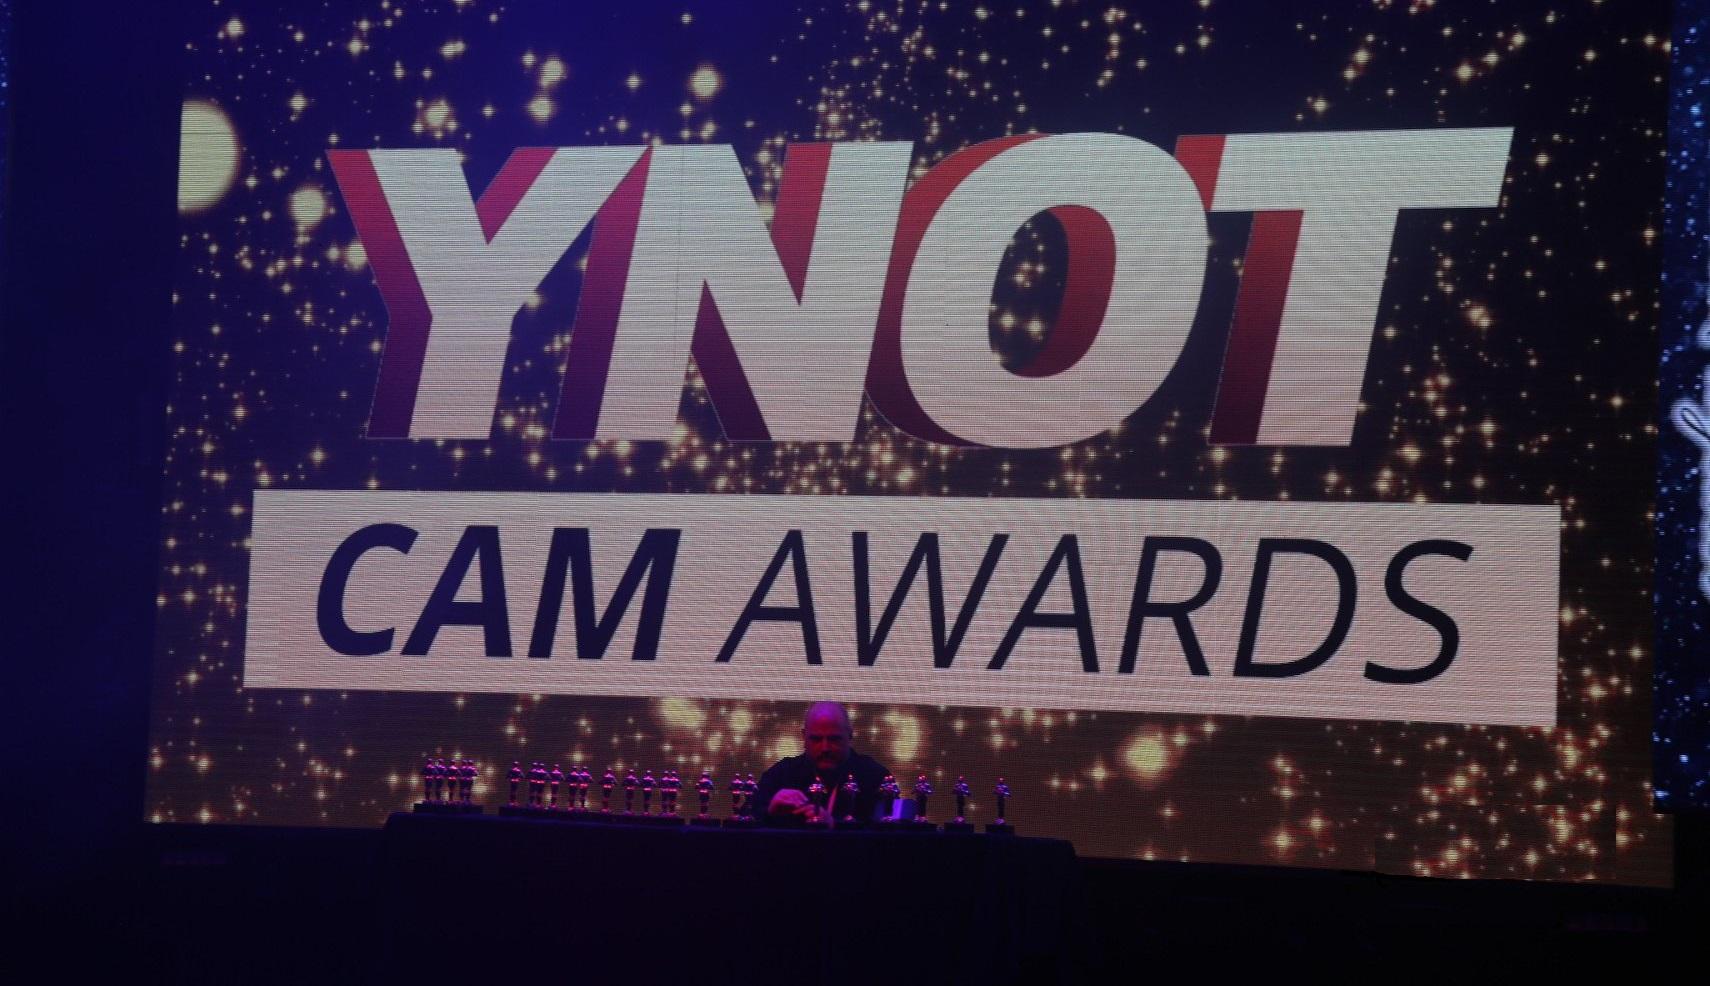 Ynot Cam Awards.jpg